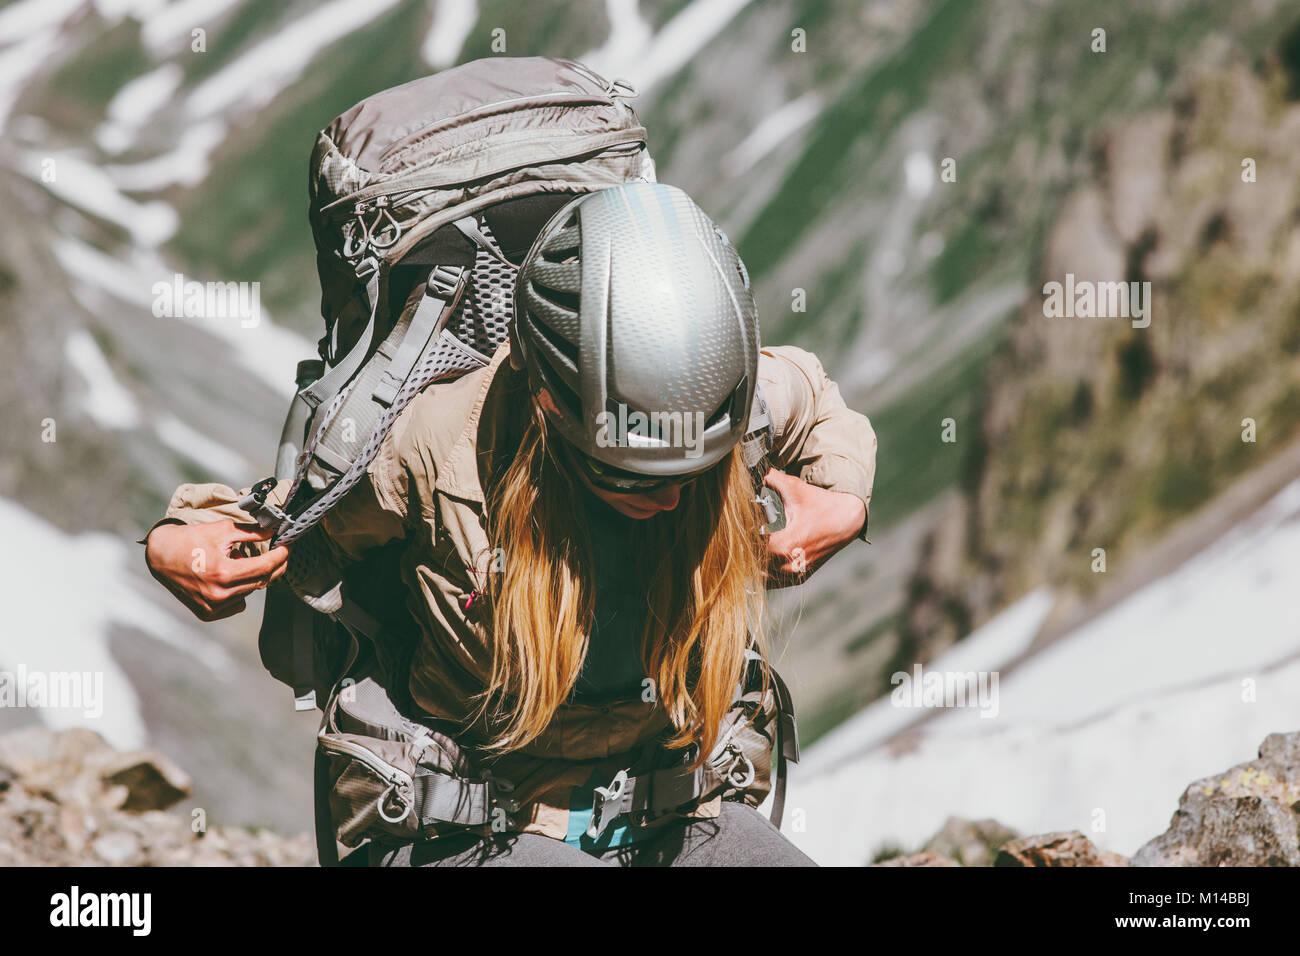 Femme avec sac à dos en randonnée dans les montagnes de vie sain voyage adventure concept active summer Photo Stock